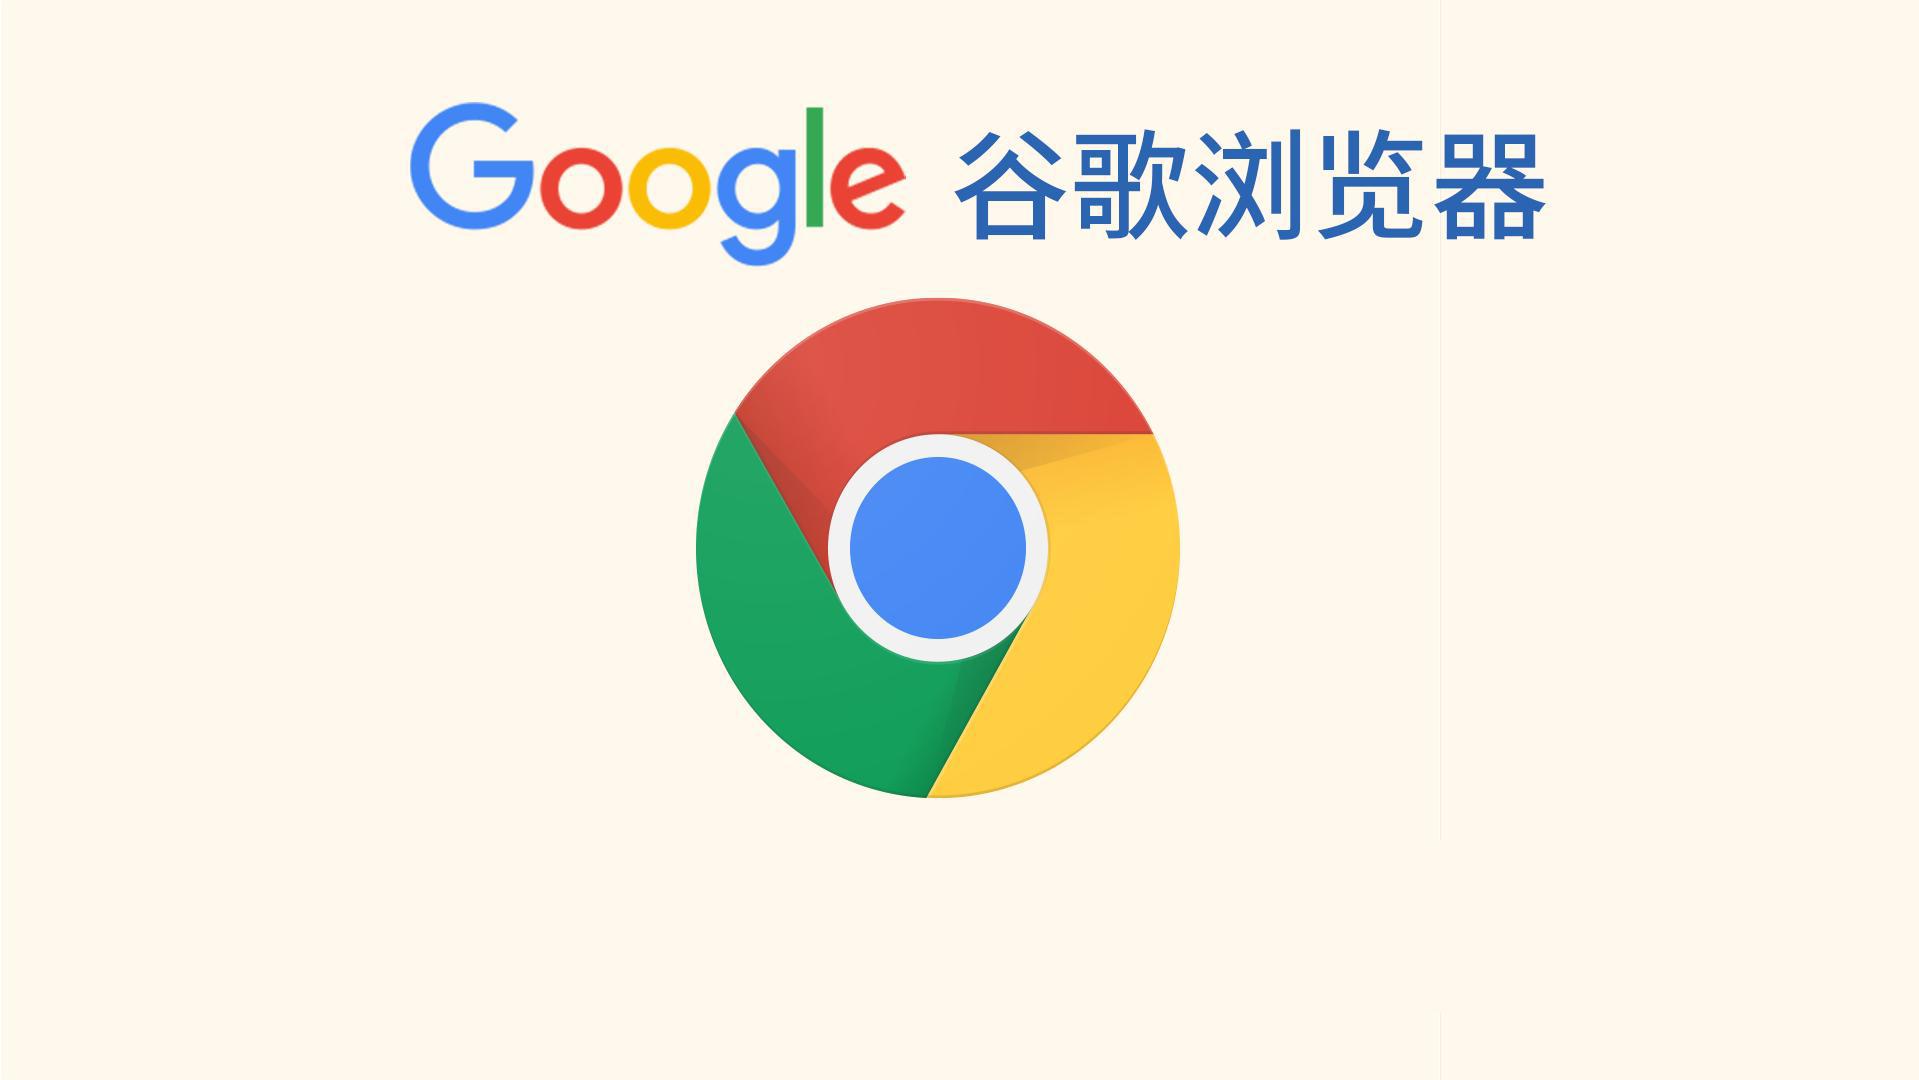 7 个隐藏功能和使用技巧,让你的 Chrome 浏览器用得更顺手